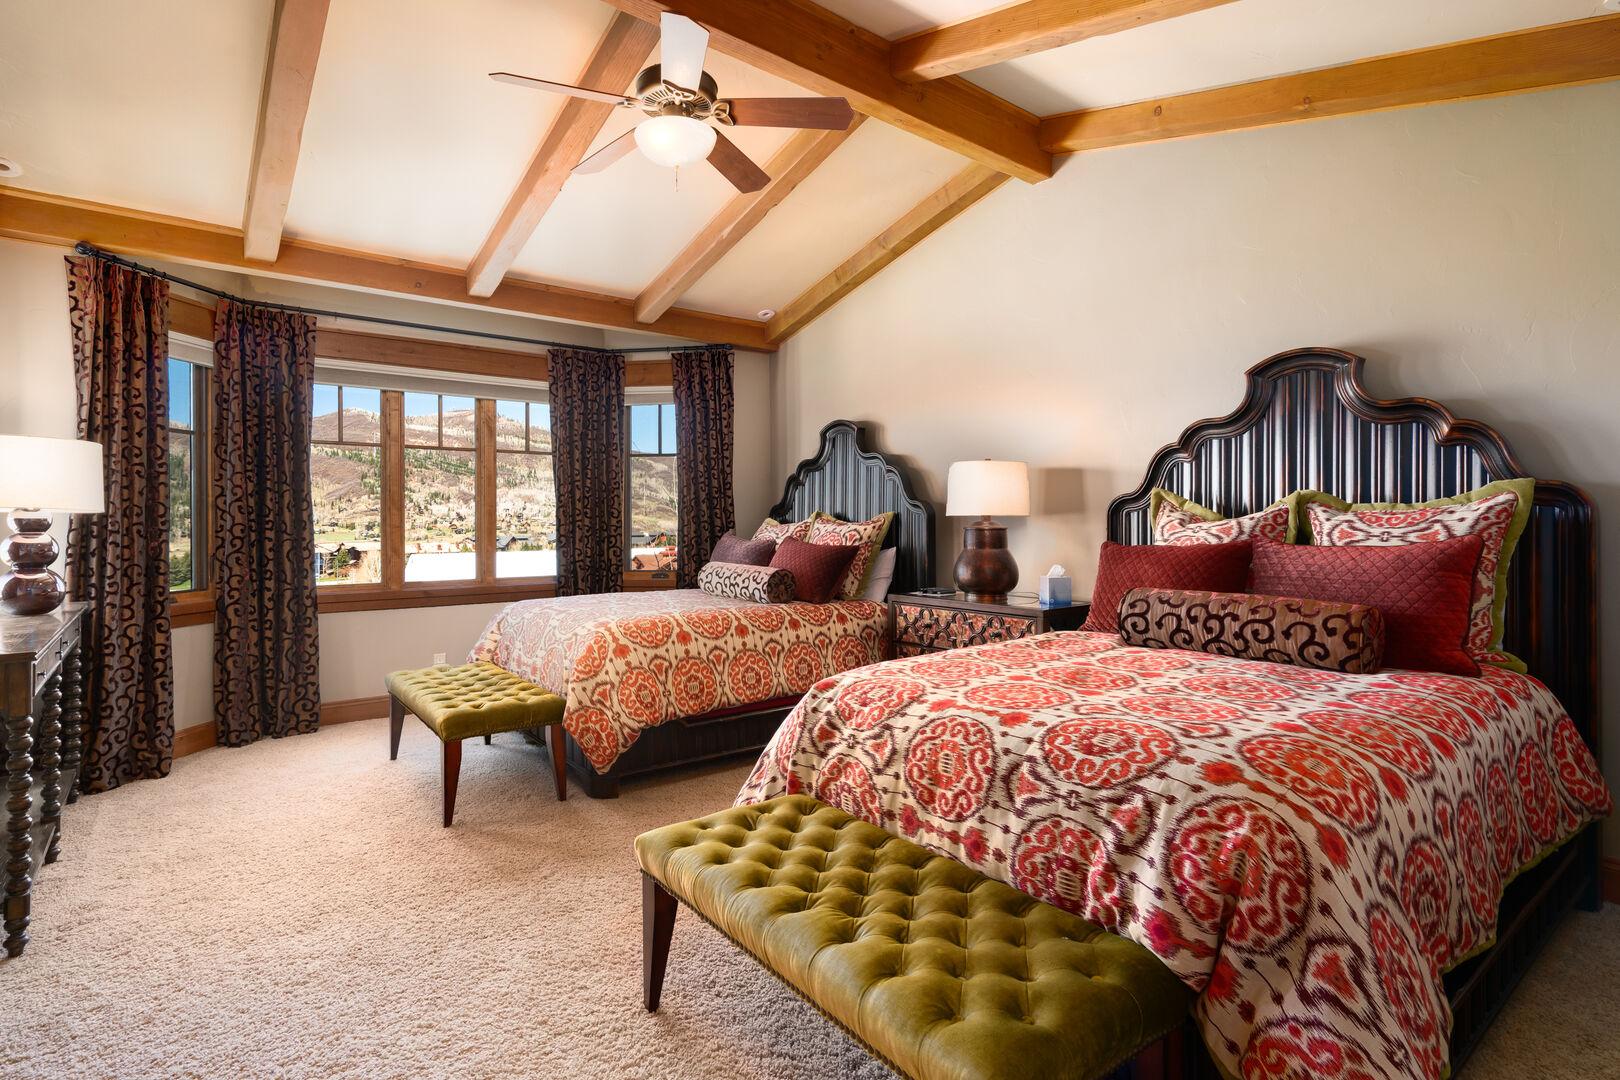 Mid level double queen bedroom.